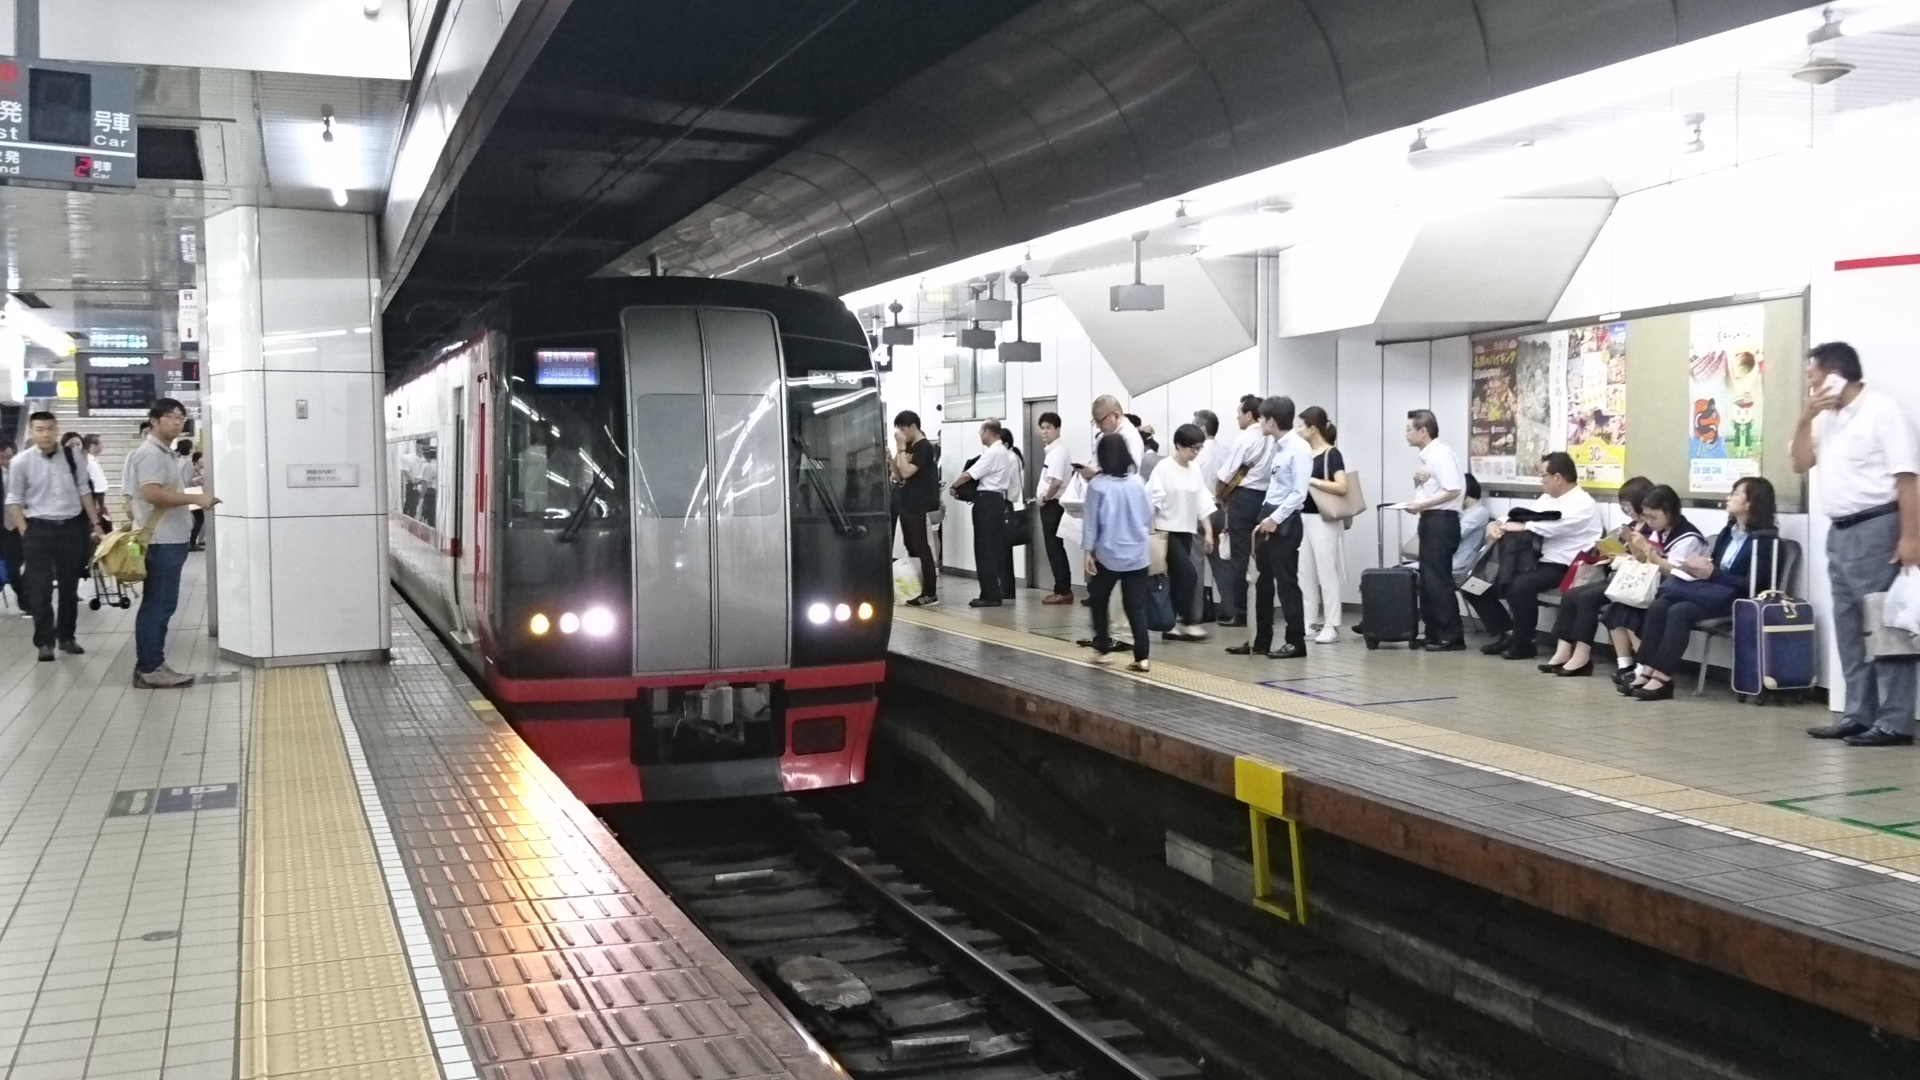 2017.7.10 名古屋 (18) 名古屋 - セントレアいき特急 1920-1080